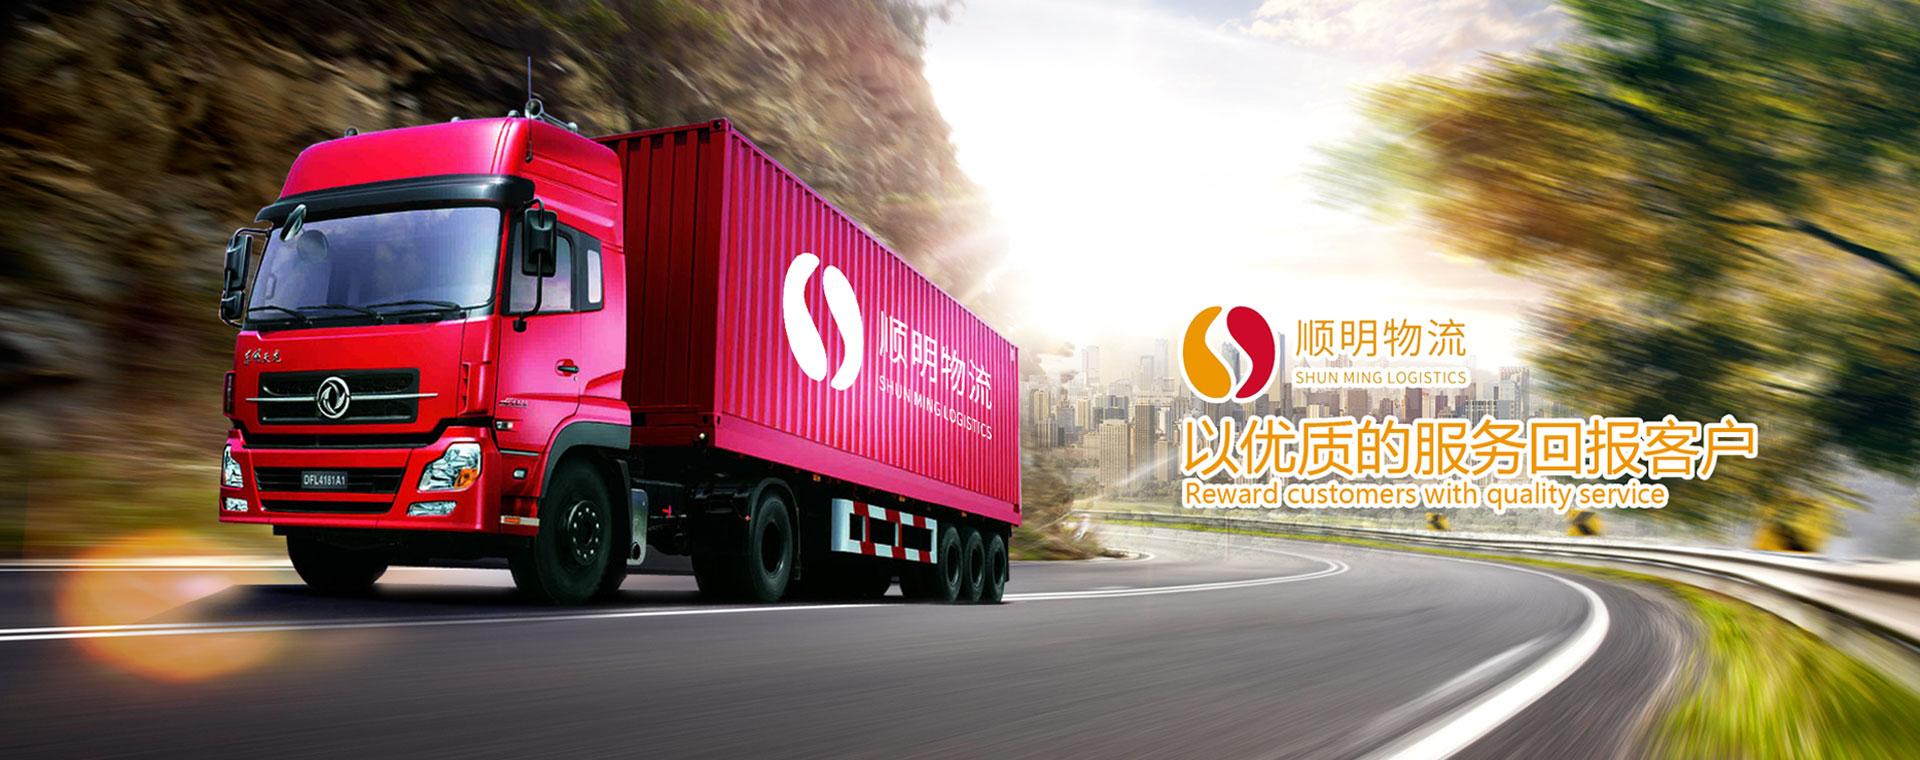 苏州到南京专线